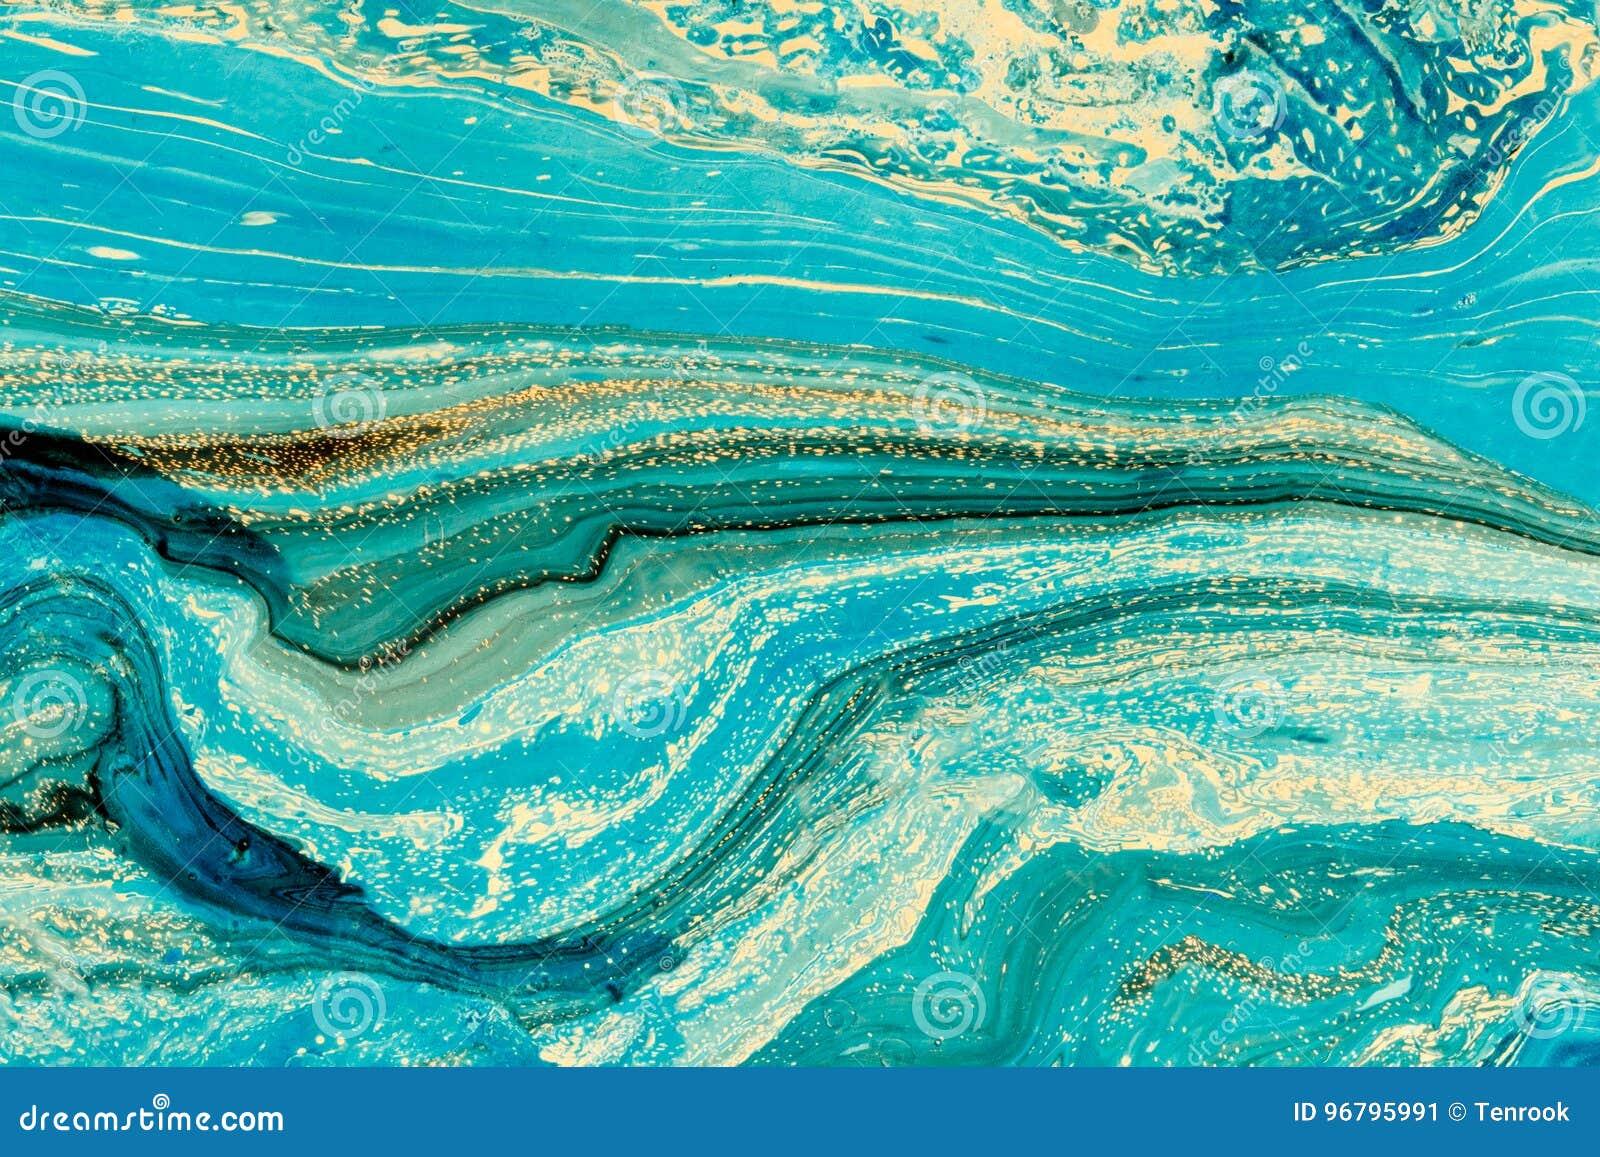 Modernt konstverk med abstrakt marmormålning Blandade blått- och gulingmålarfärger Akrylmålarfärger på vattenyttersida horisontal